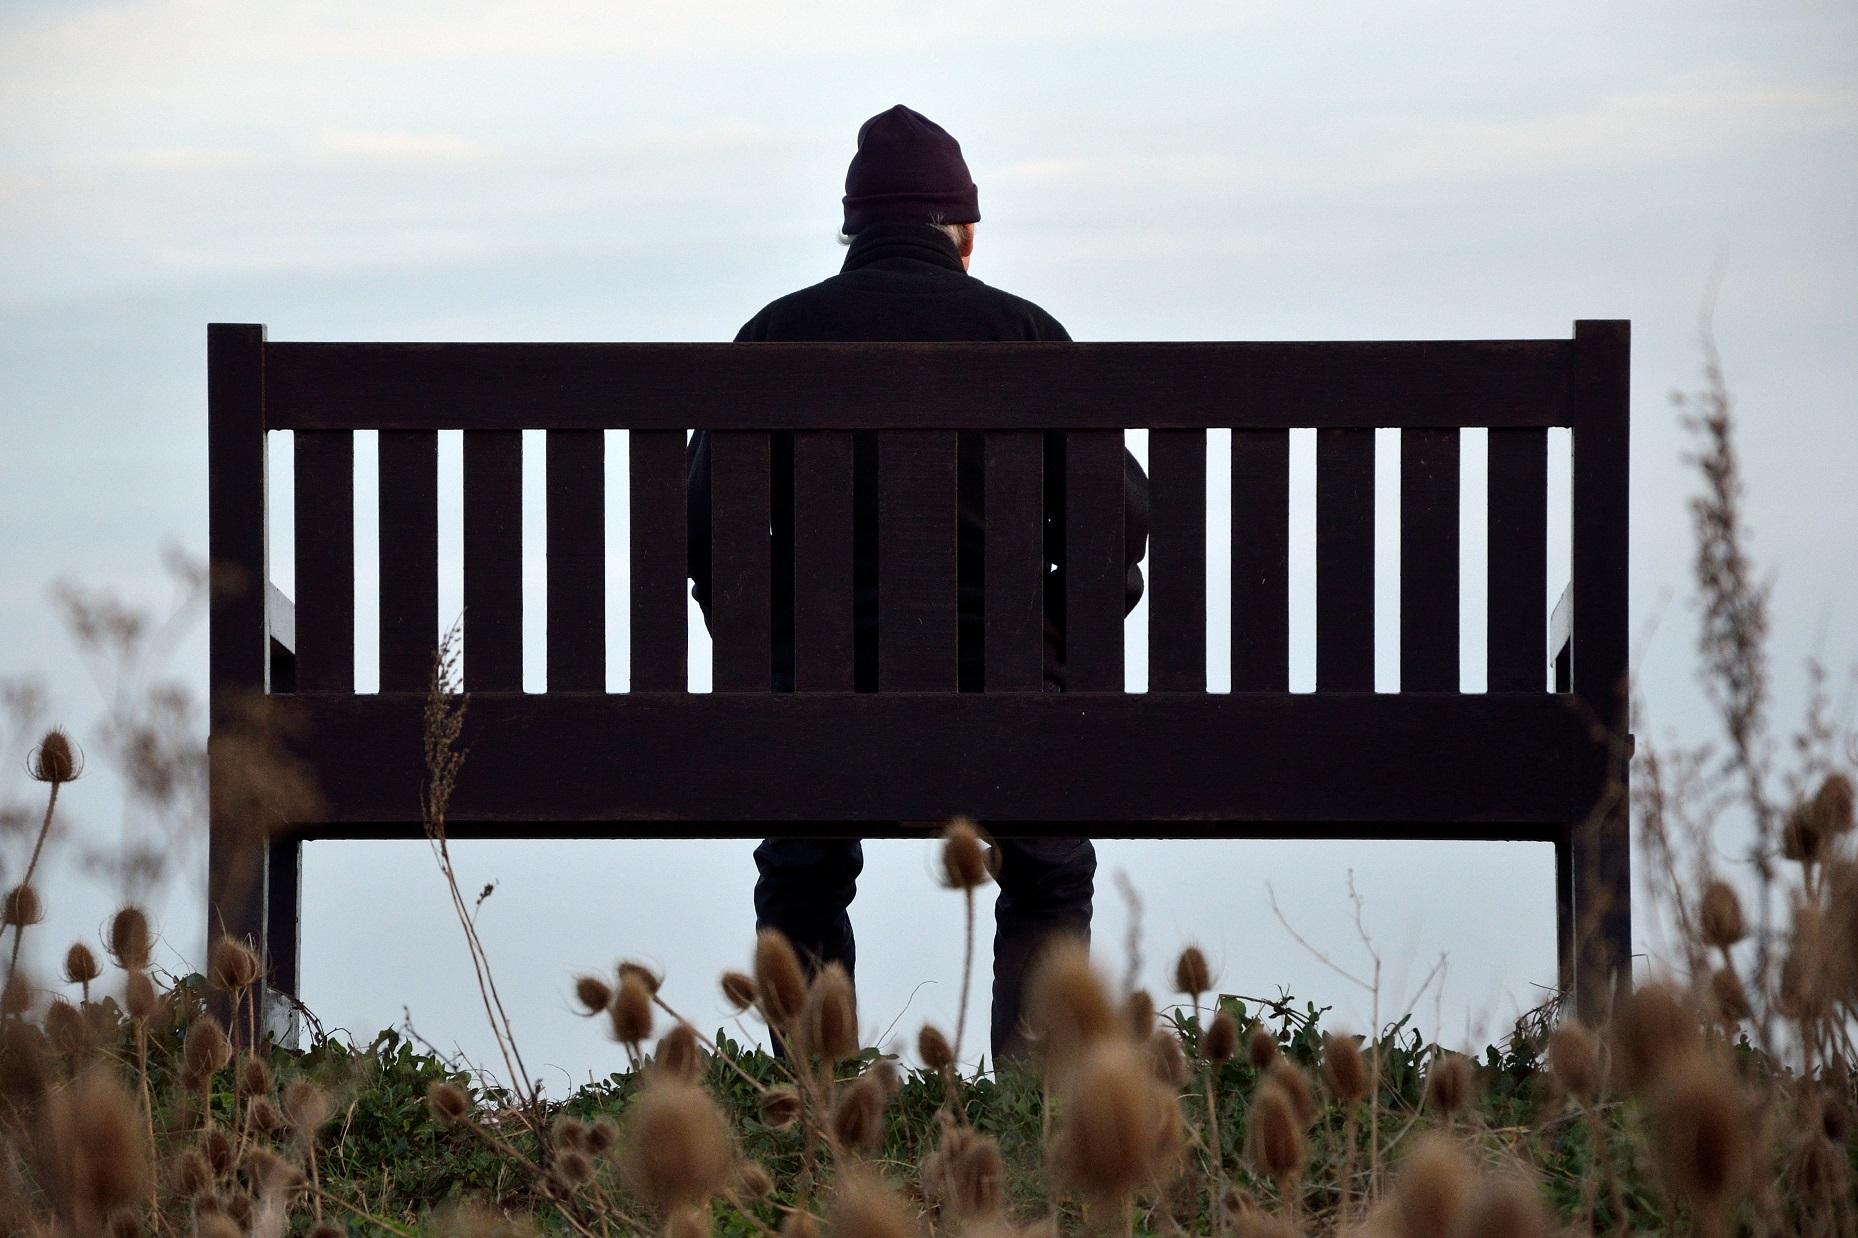 Nesses tempos, a distância física é uma expressão de amor ao próximo.